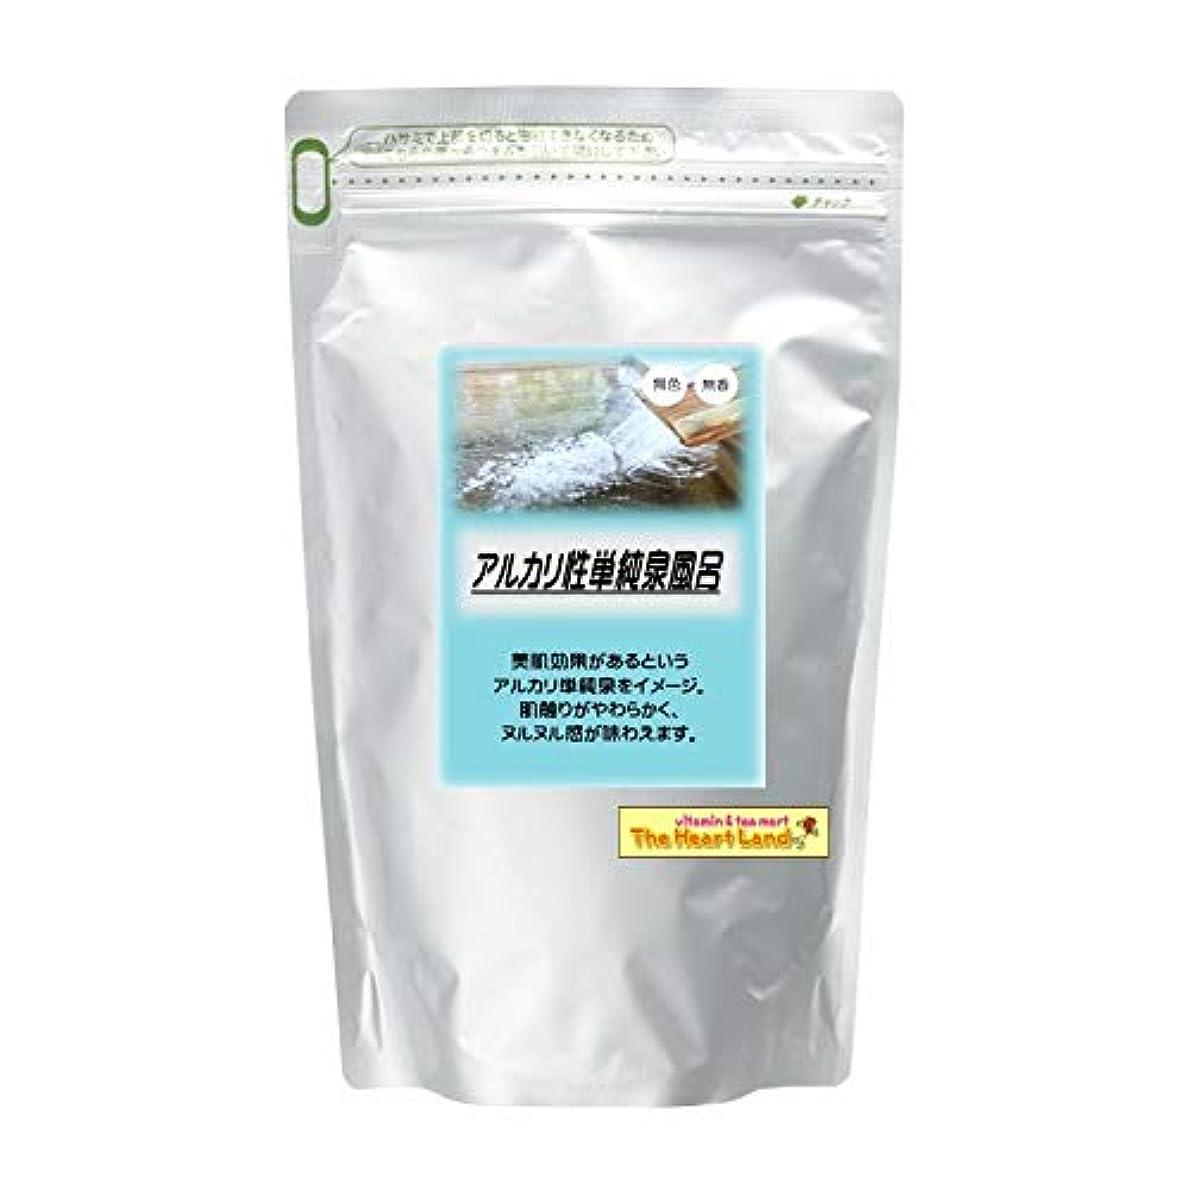 剃るリーダーシップ公爵アサヒ入浴剤 浴用入浴化粧品 アルカリ性単純泉風呂 300g